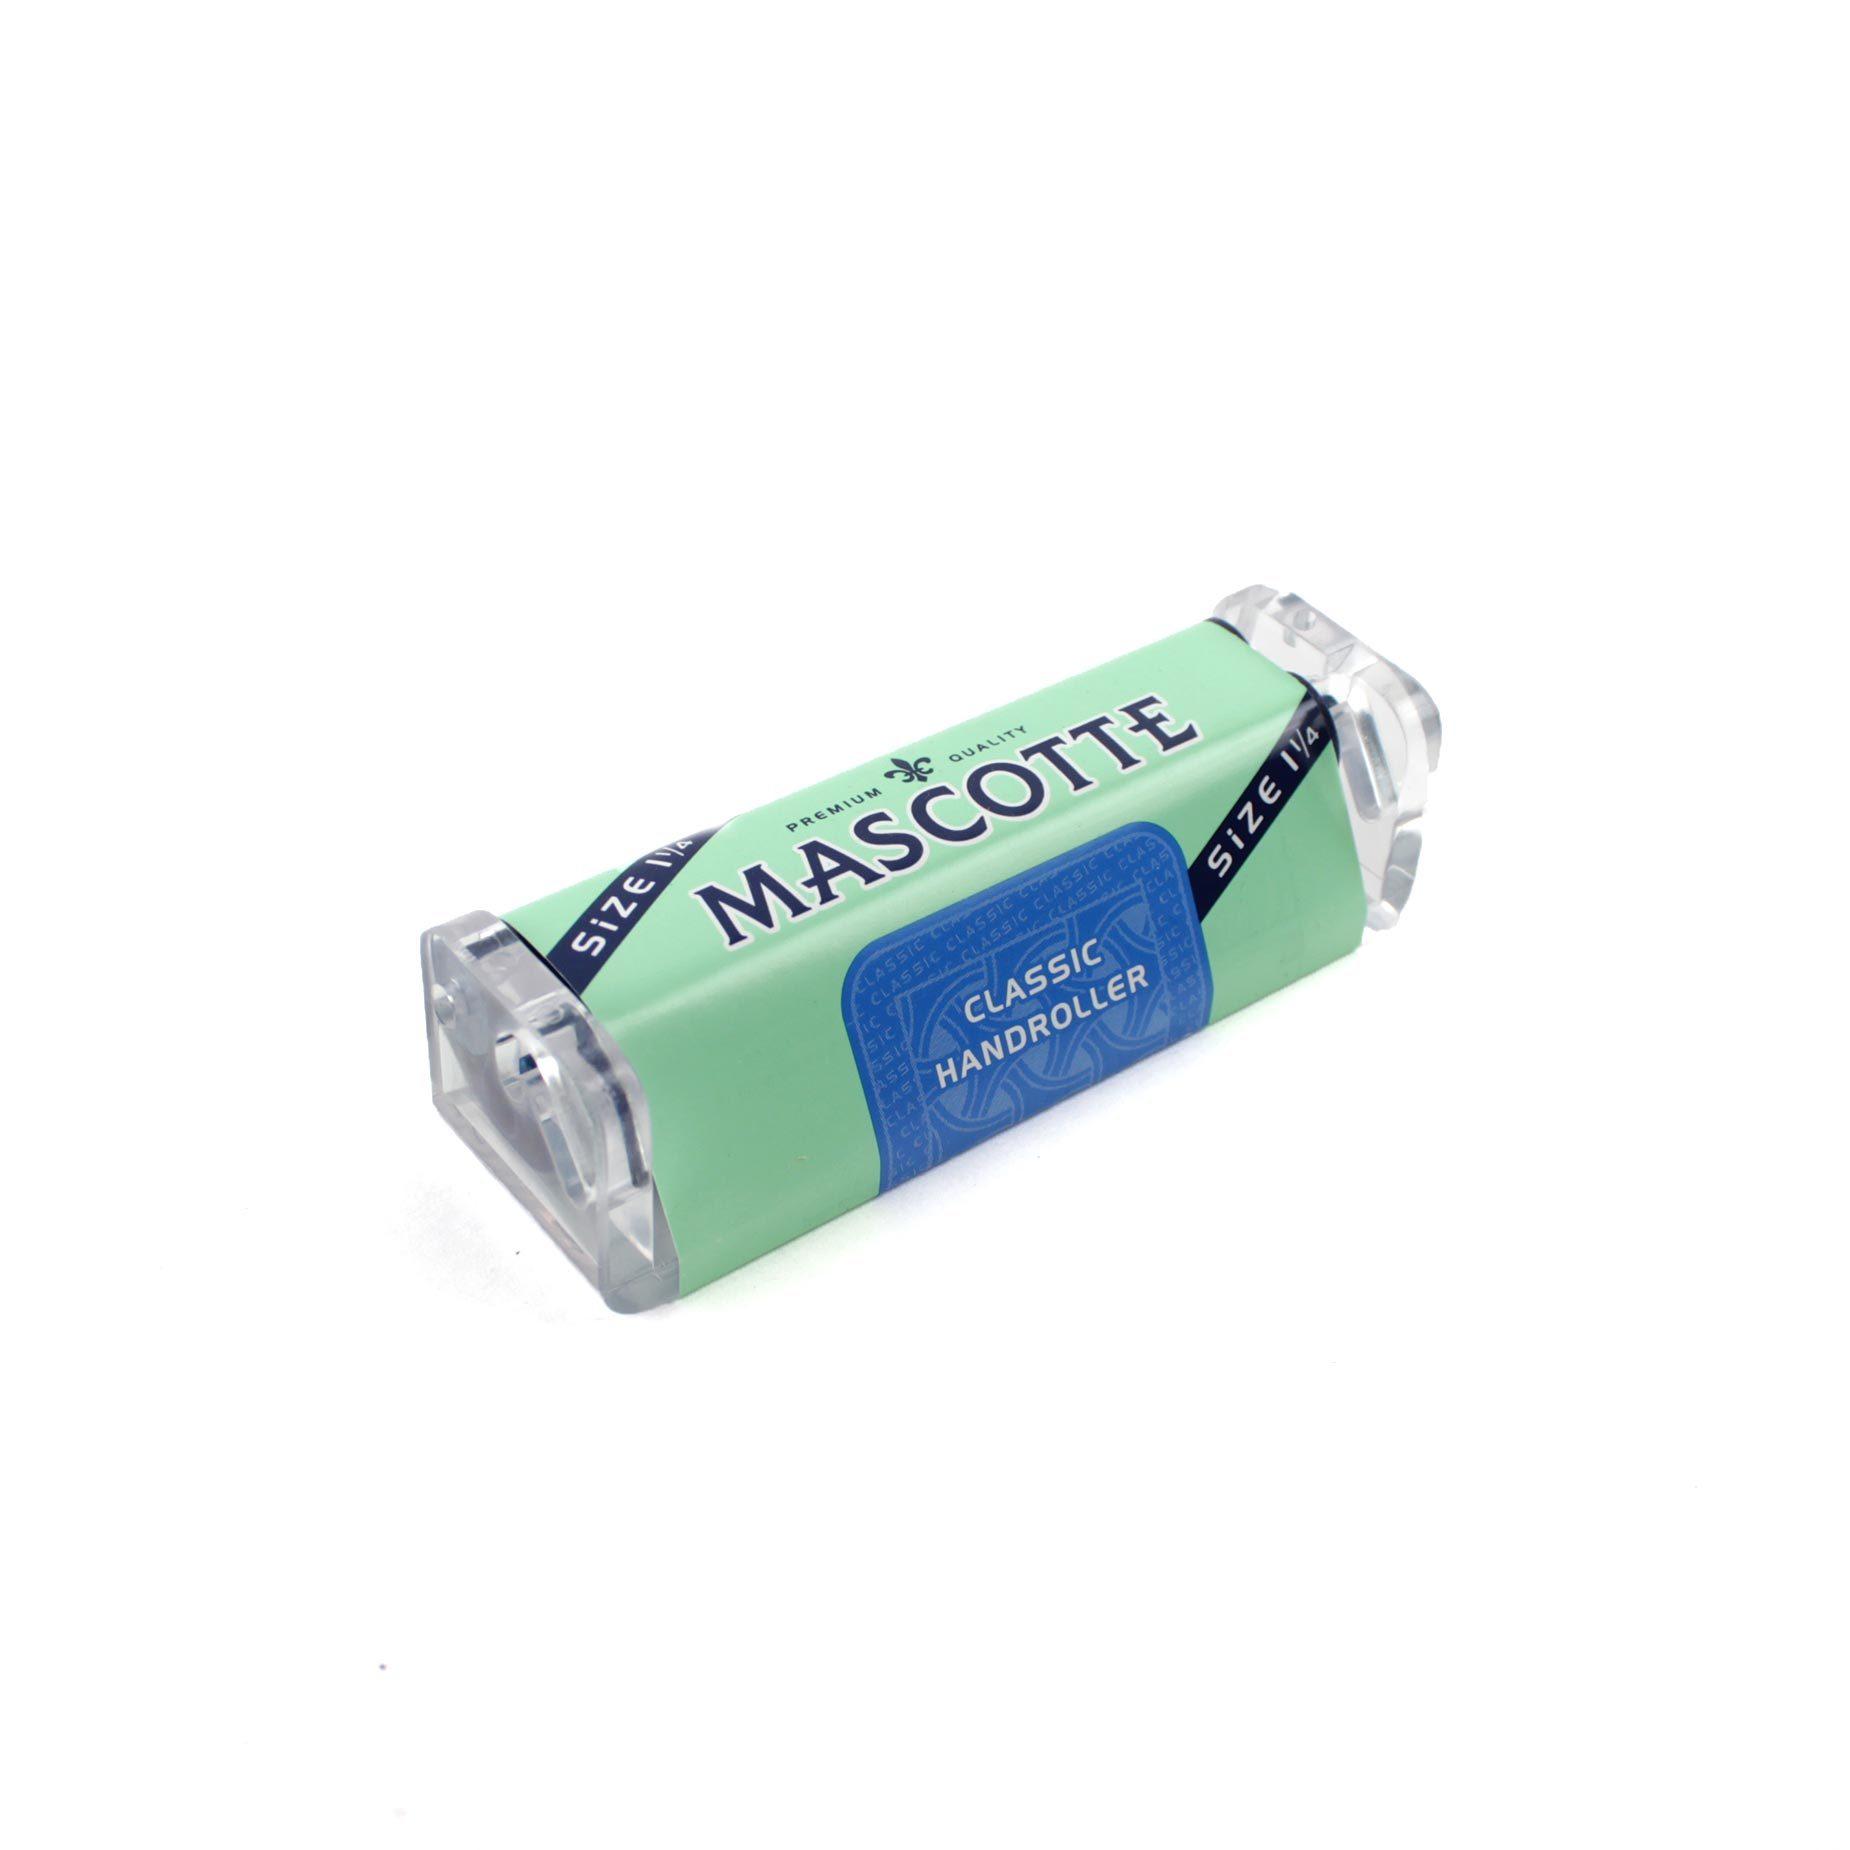 Машинка сигаретная закруточная MASCOTTE Classic size 1 1/4